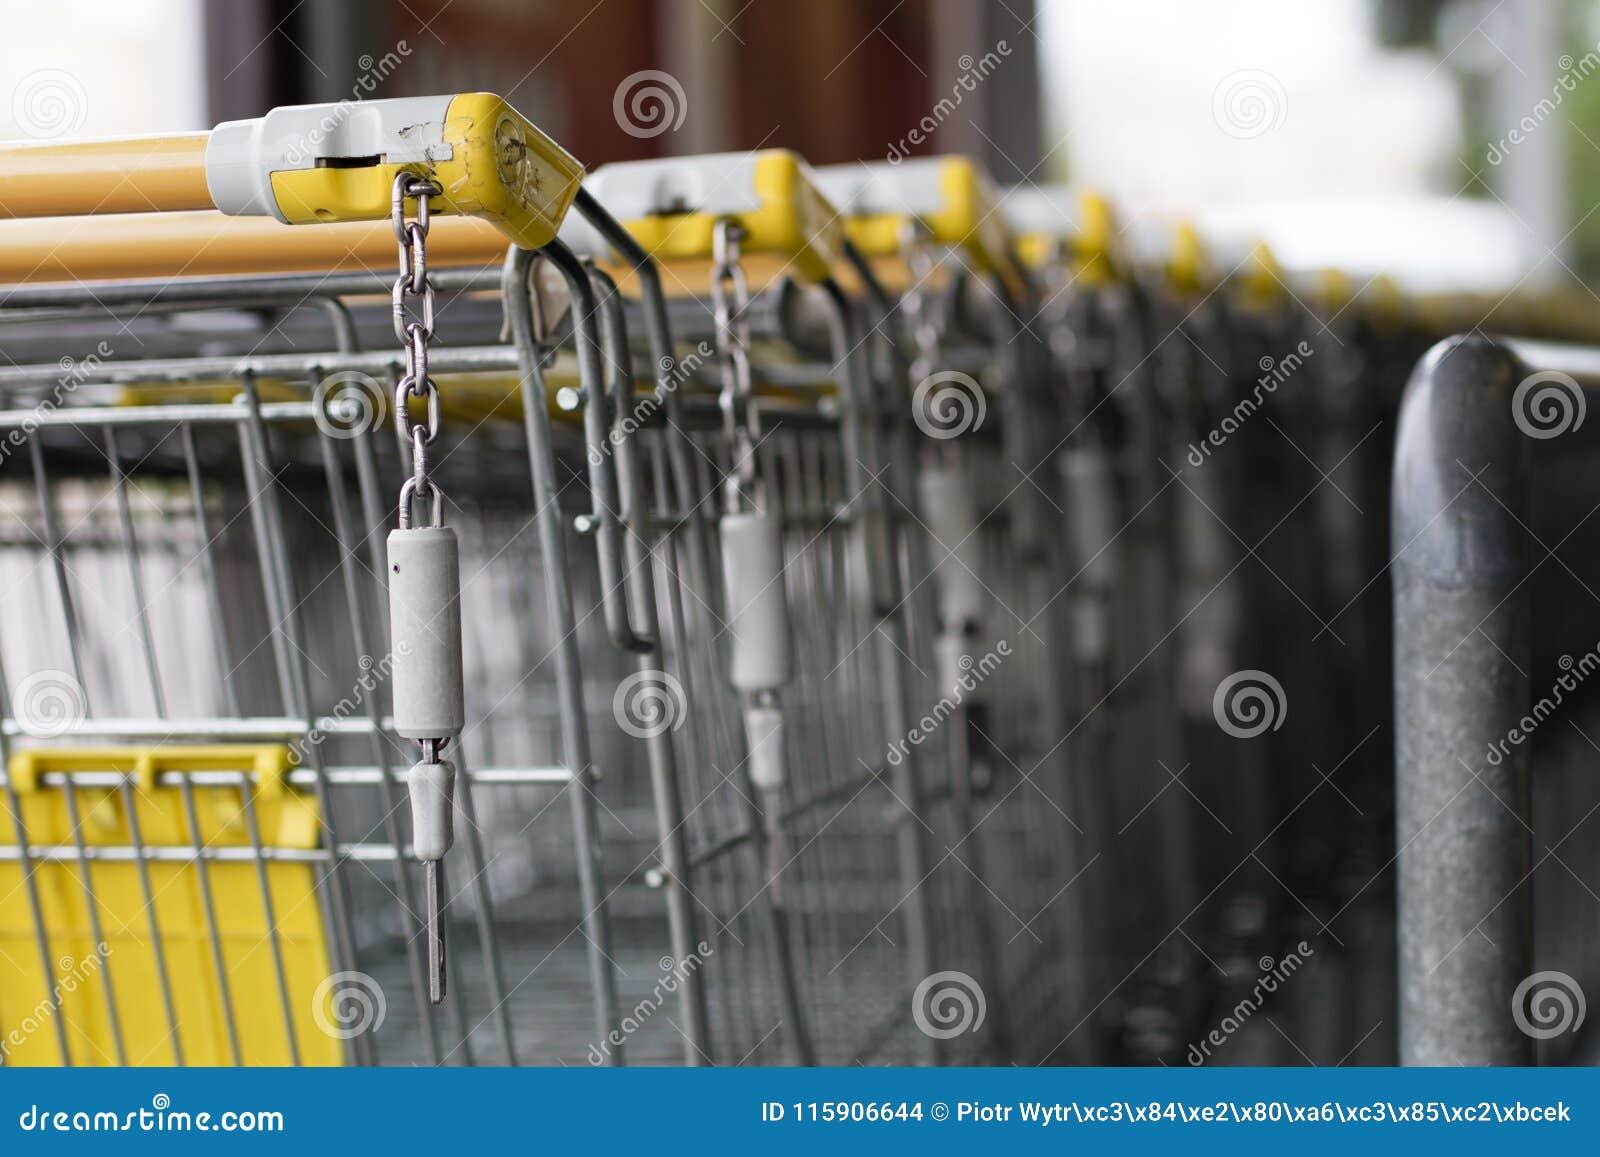 Wózek na zakupy tramwaje umieszczają pod rynkiem na zakupy